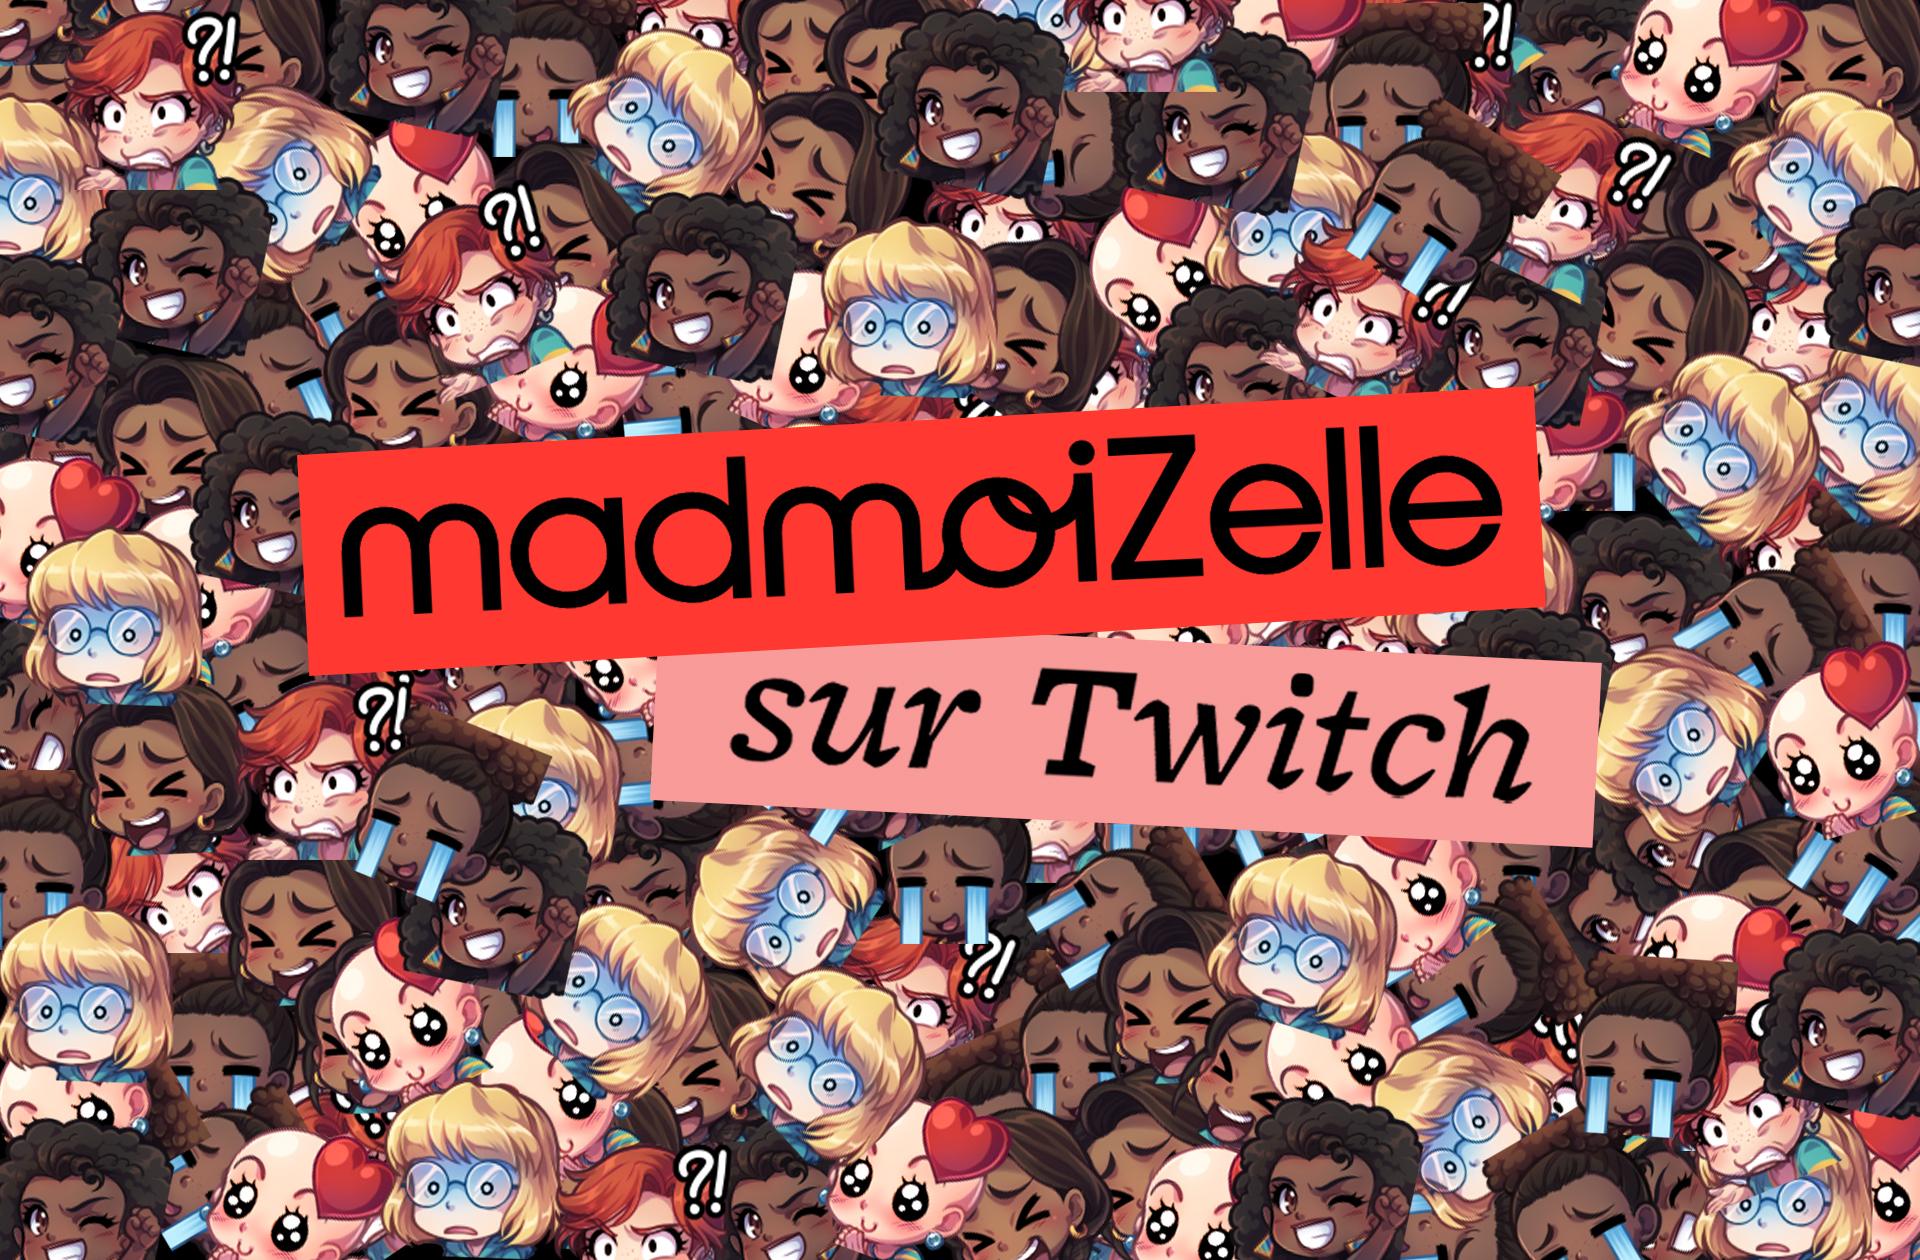 Les emotes et sub badges sont arrivés sur la chaîne Twitch de Madmoizelle (abonnez-vous !)